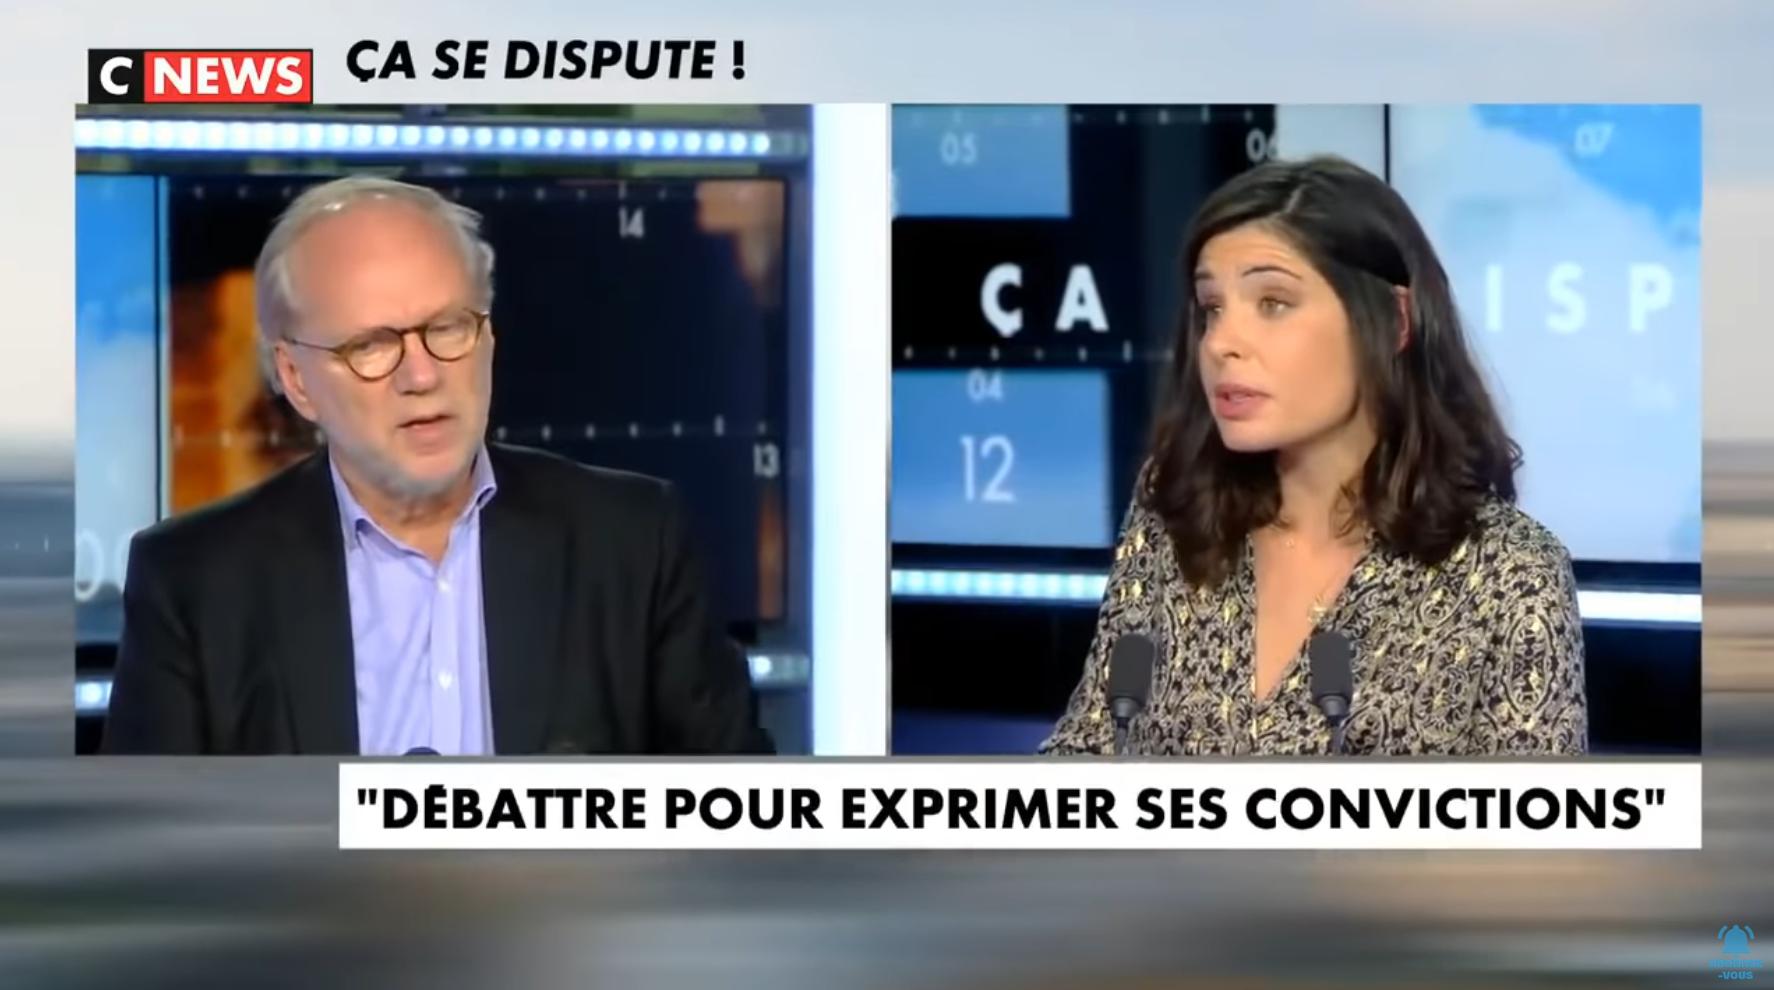 Le débat sur l'UE s'invite avec les Gilets Jaunes : Charlotte d'Ornellas VS l'insupportable Laurent Joffrin (DÉBAT MUSCLÉ)